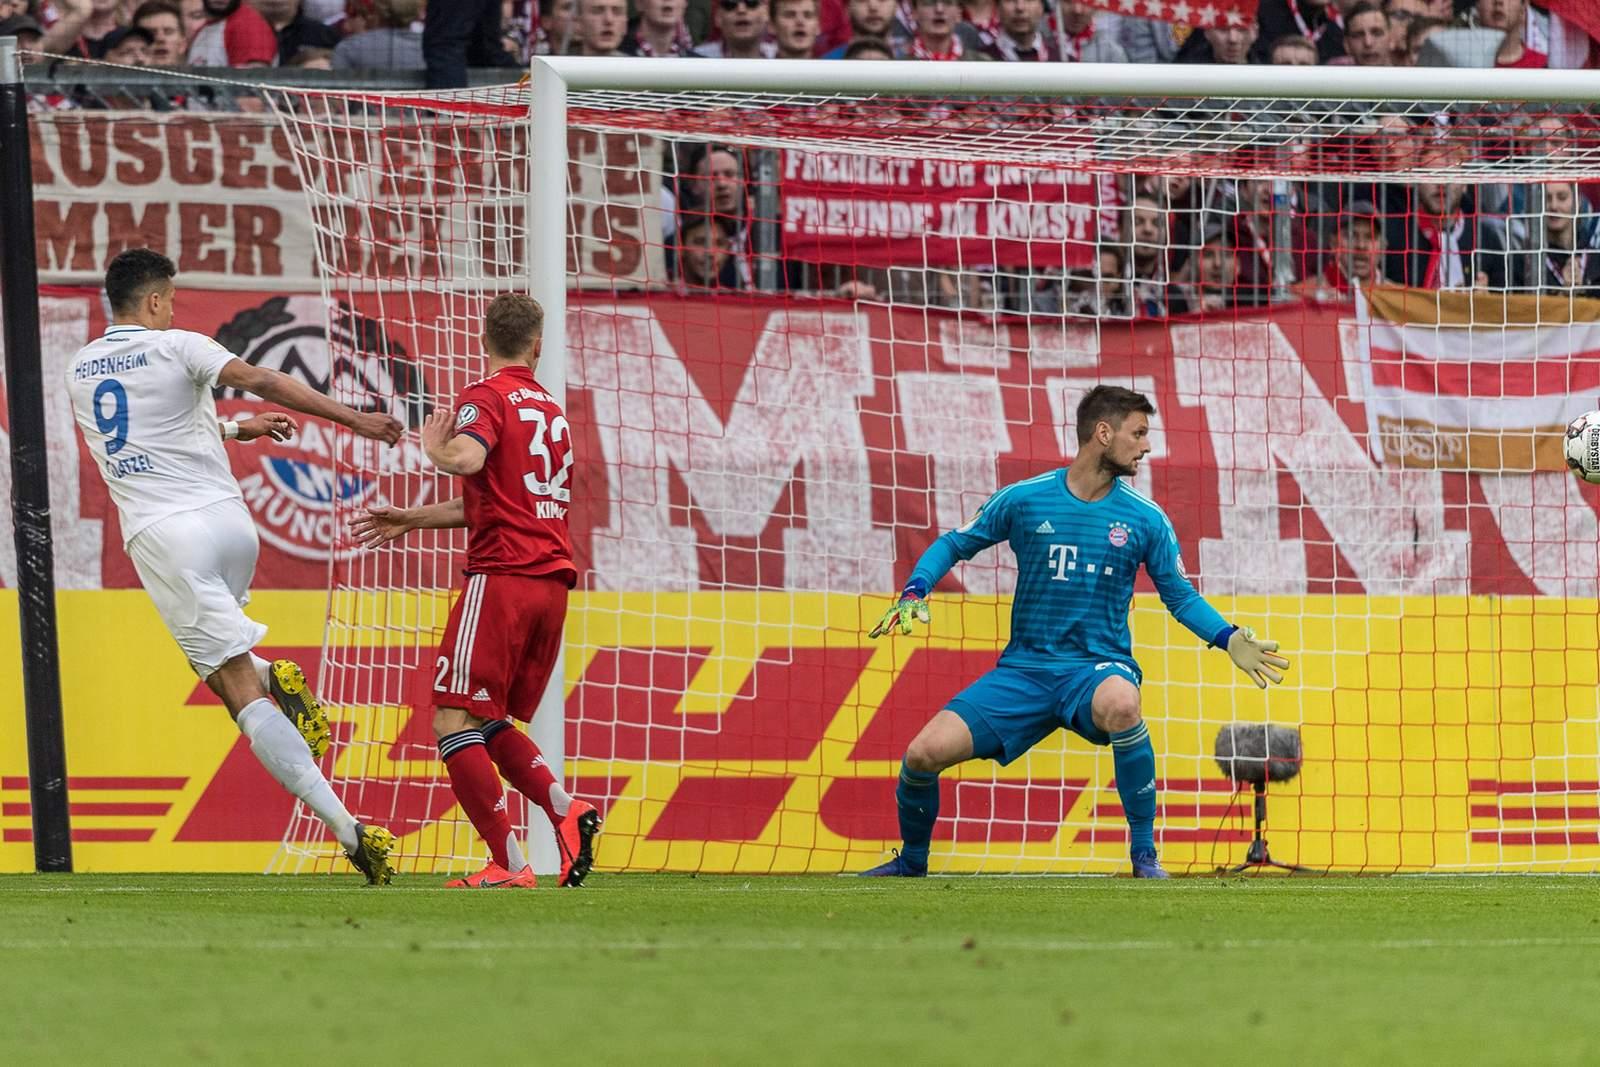 Robert Glatzel erzielt Tor per Kopf bei Spiel Bayern gegen Heidenheim